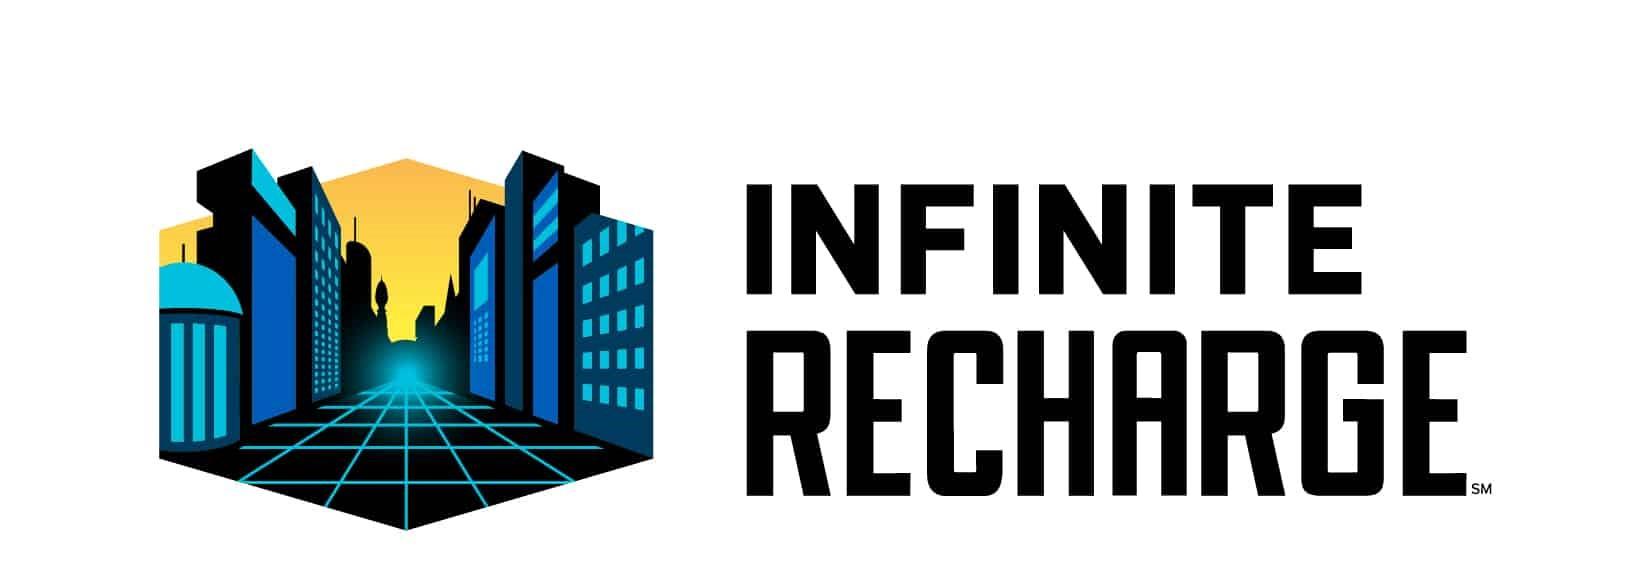 Infinite Recharge banner